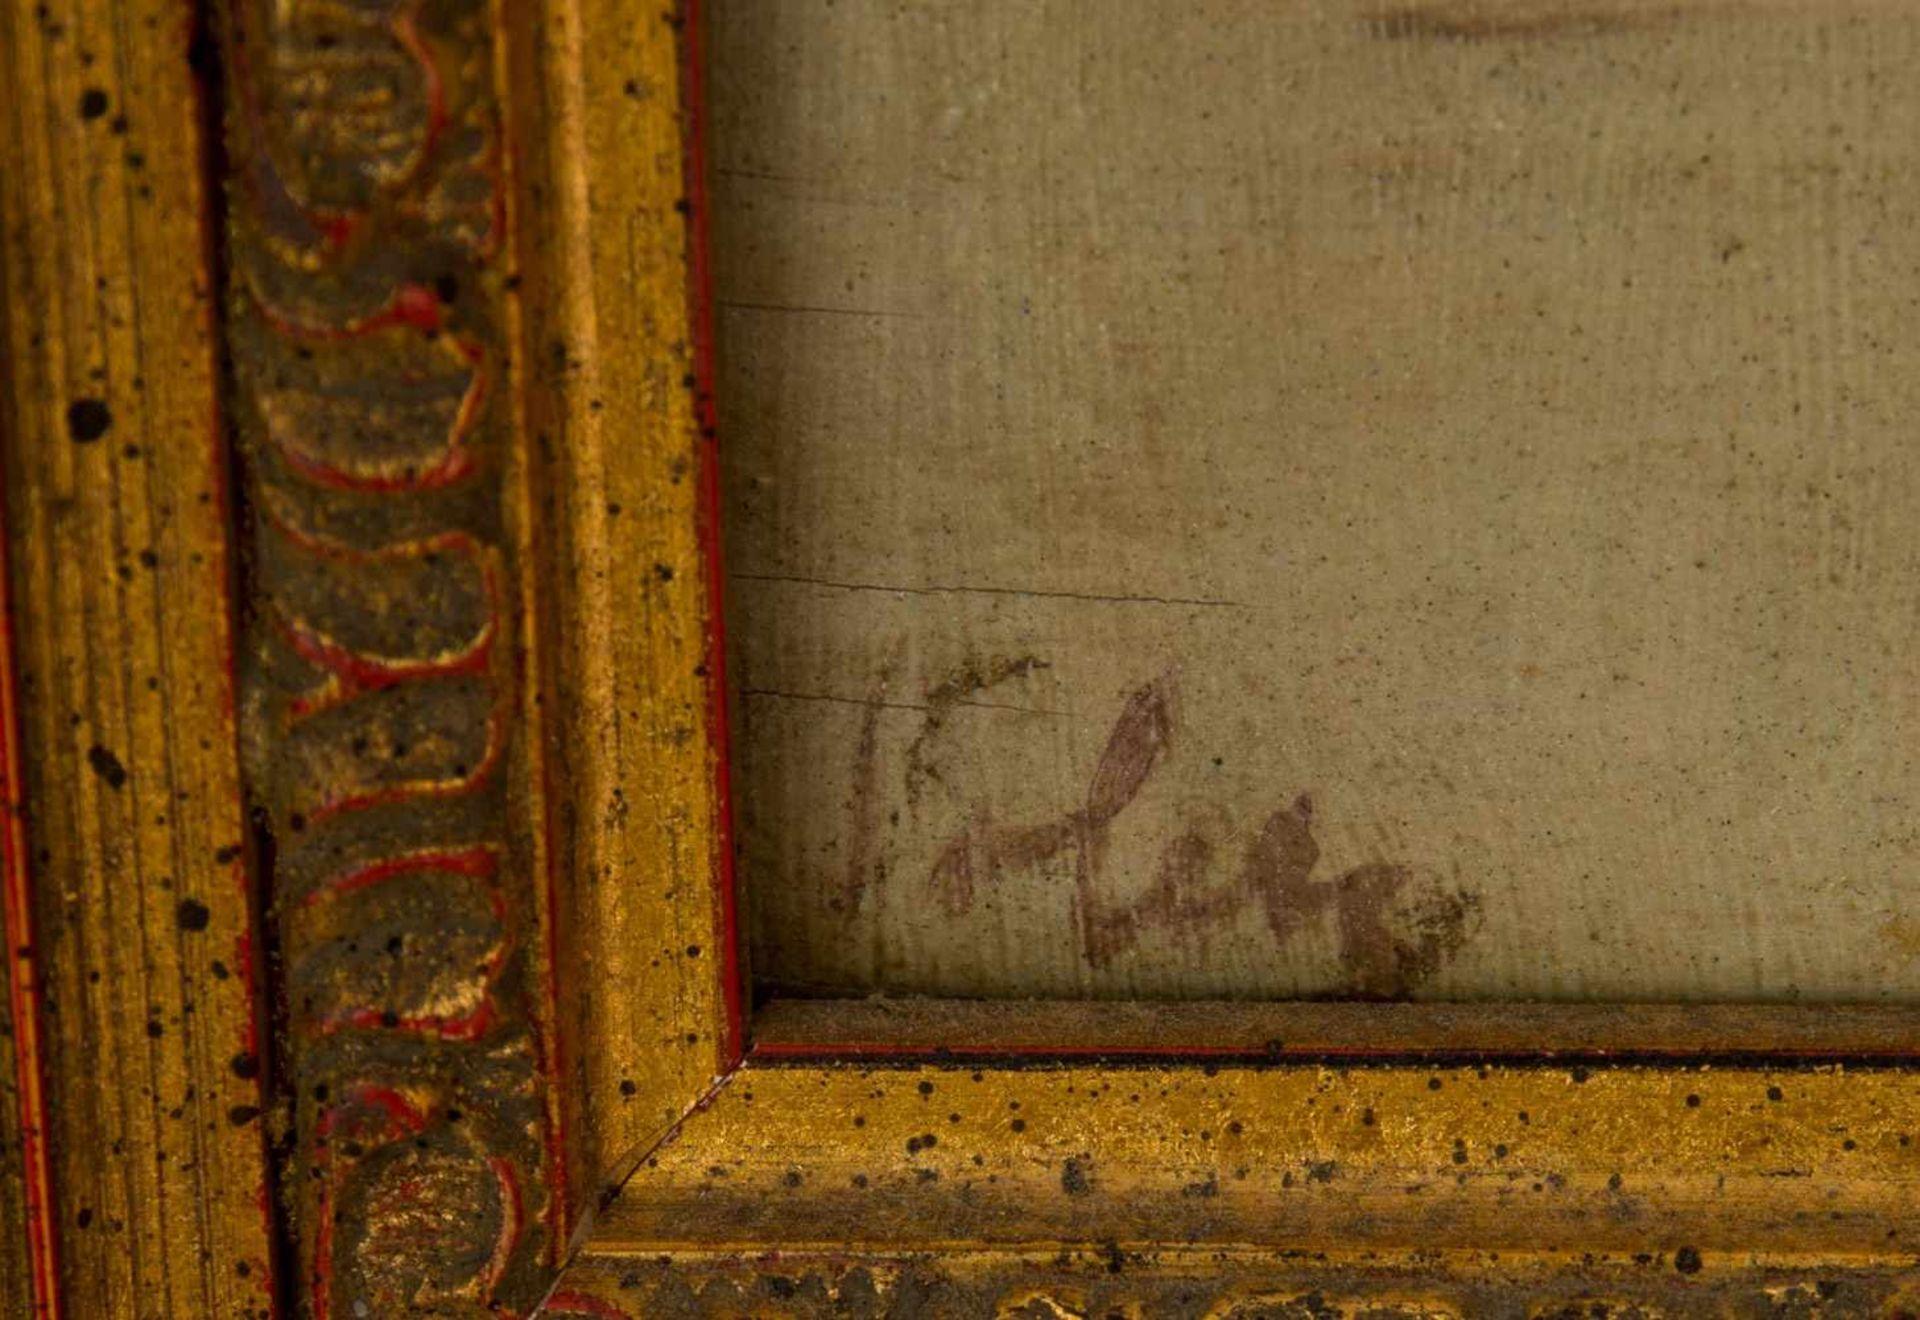 Los 27 - In der Lagune von Venedig, Öl auf Leinwand, gerahmt und signiert, 20. Jahrhundert. Darstellung einer